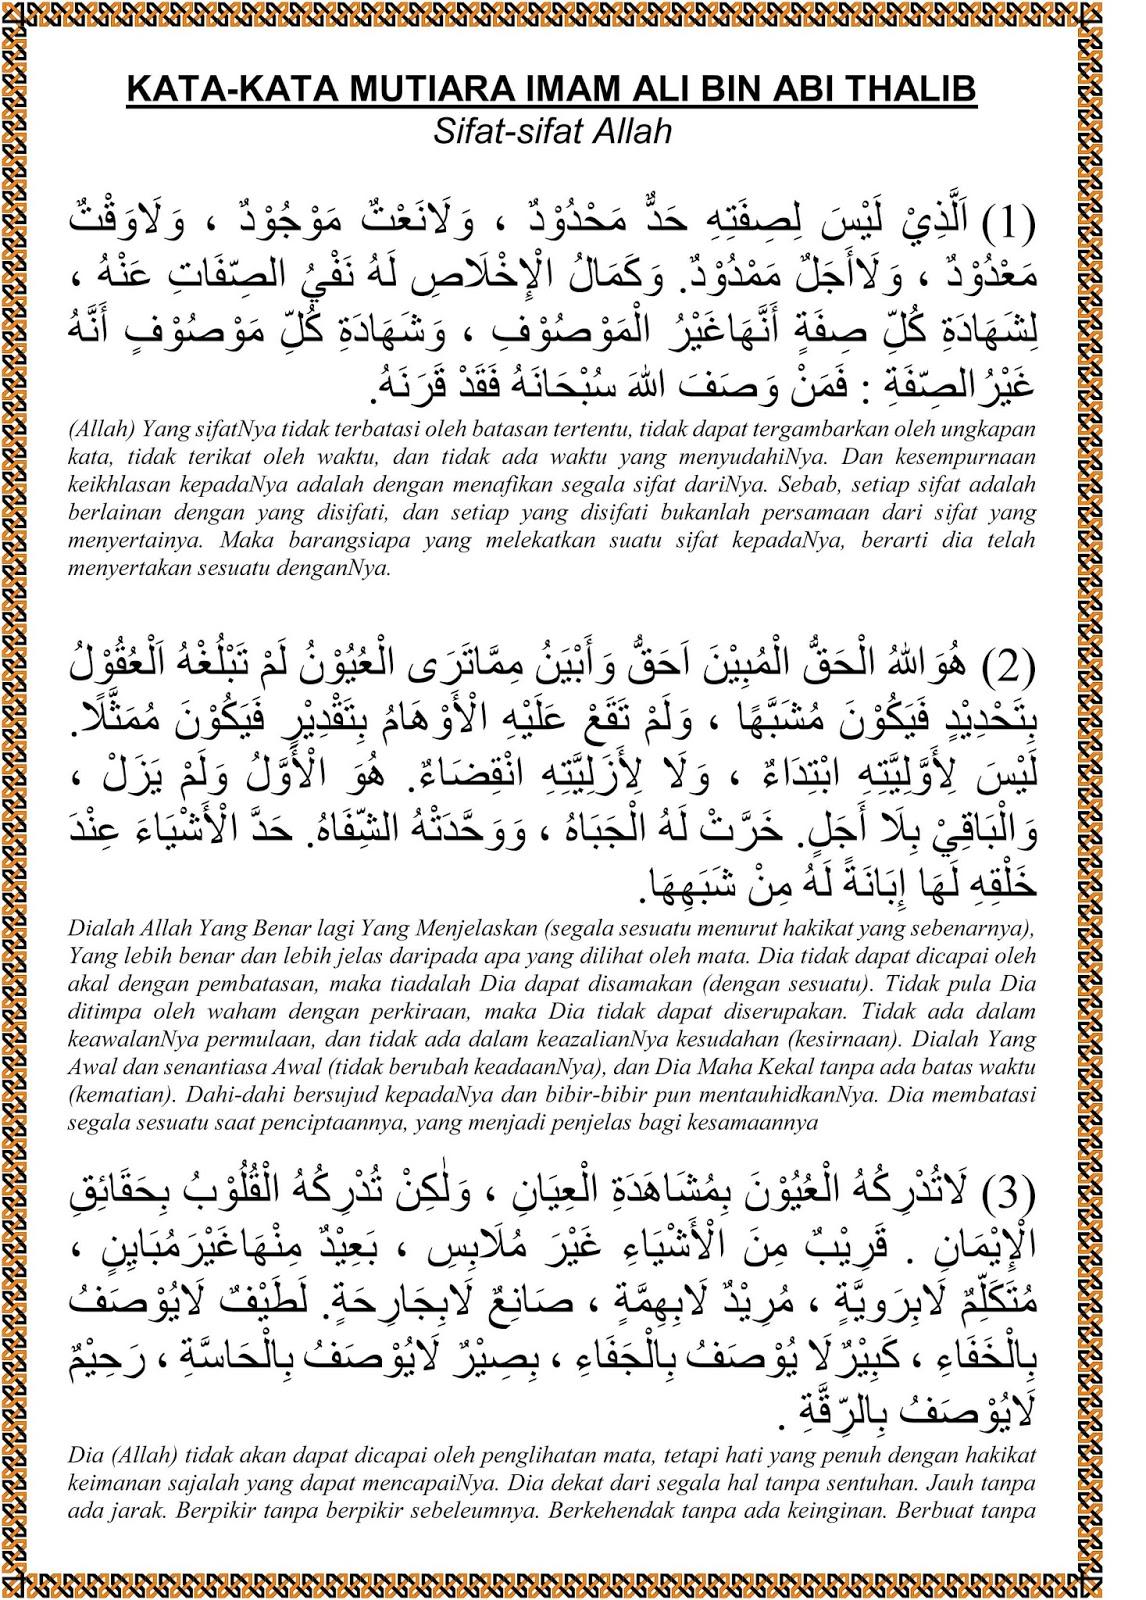 Sifat Sifat Allah Kata Kata Mutiara Imam Ali Bin Abi Thalib